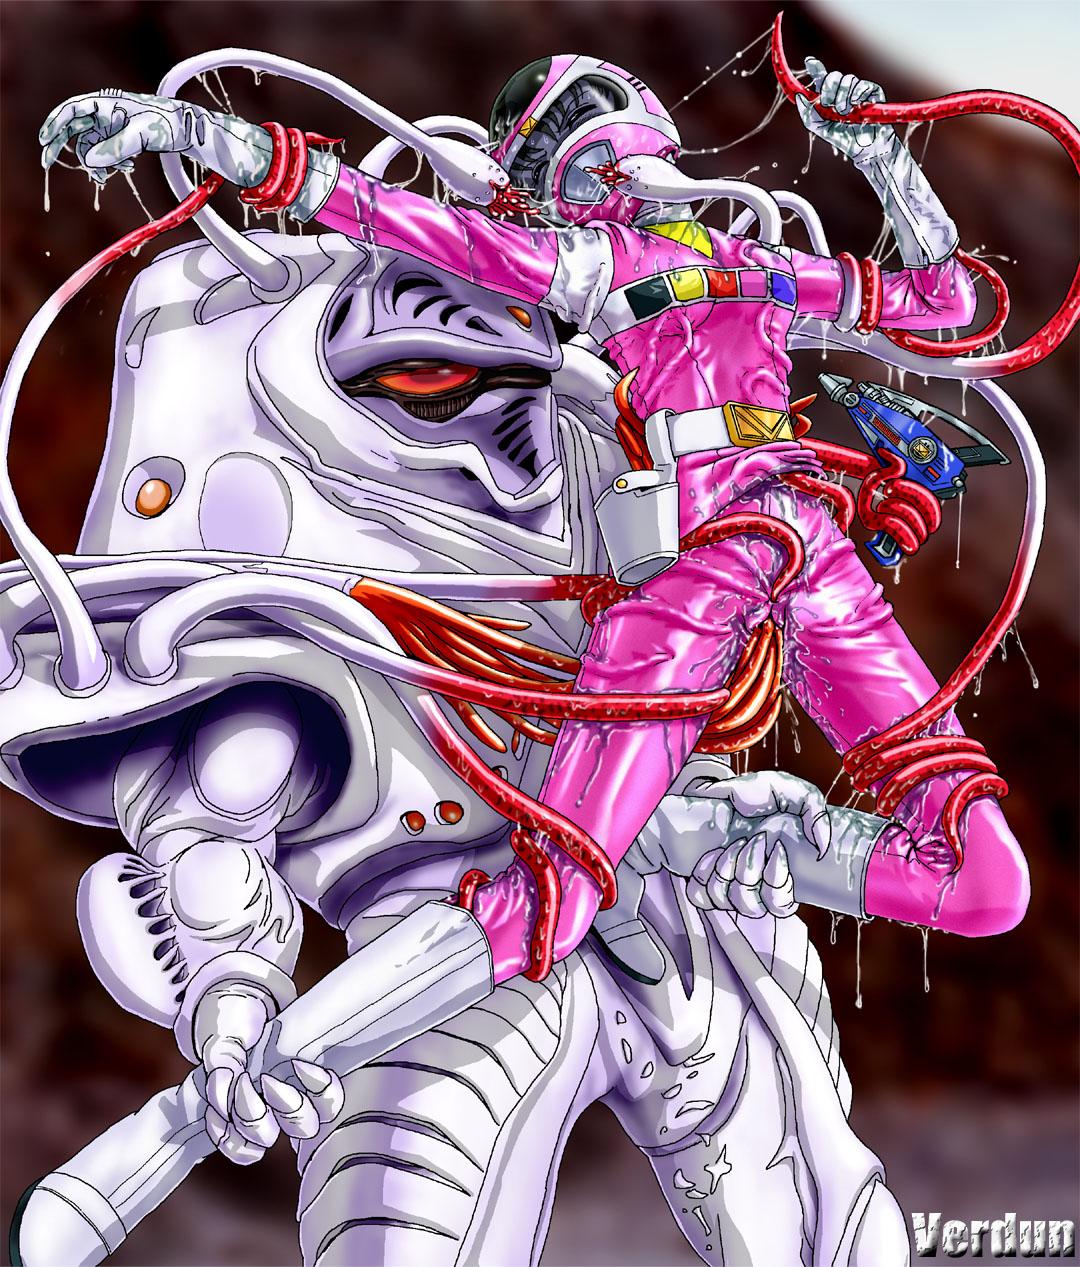 power dino rangers thunder kira Tomb raider lara with horse